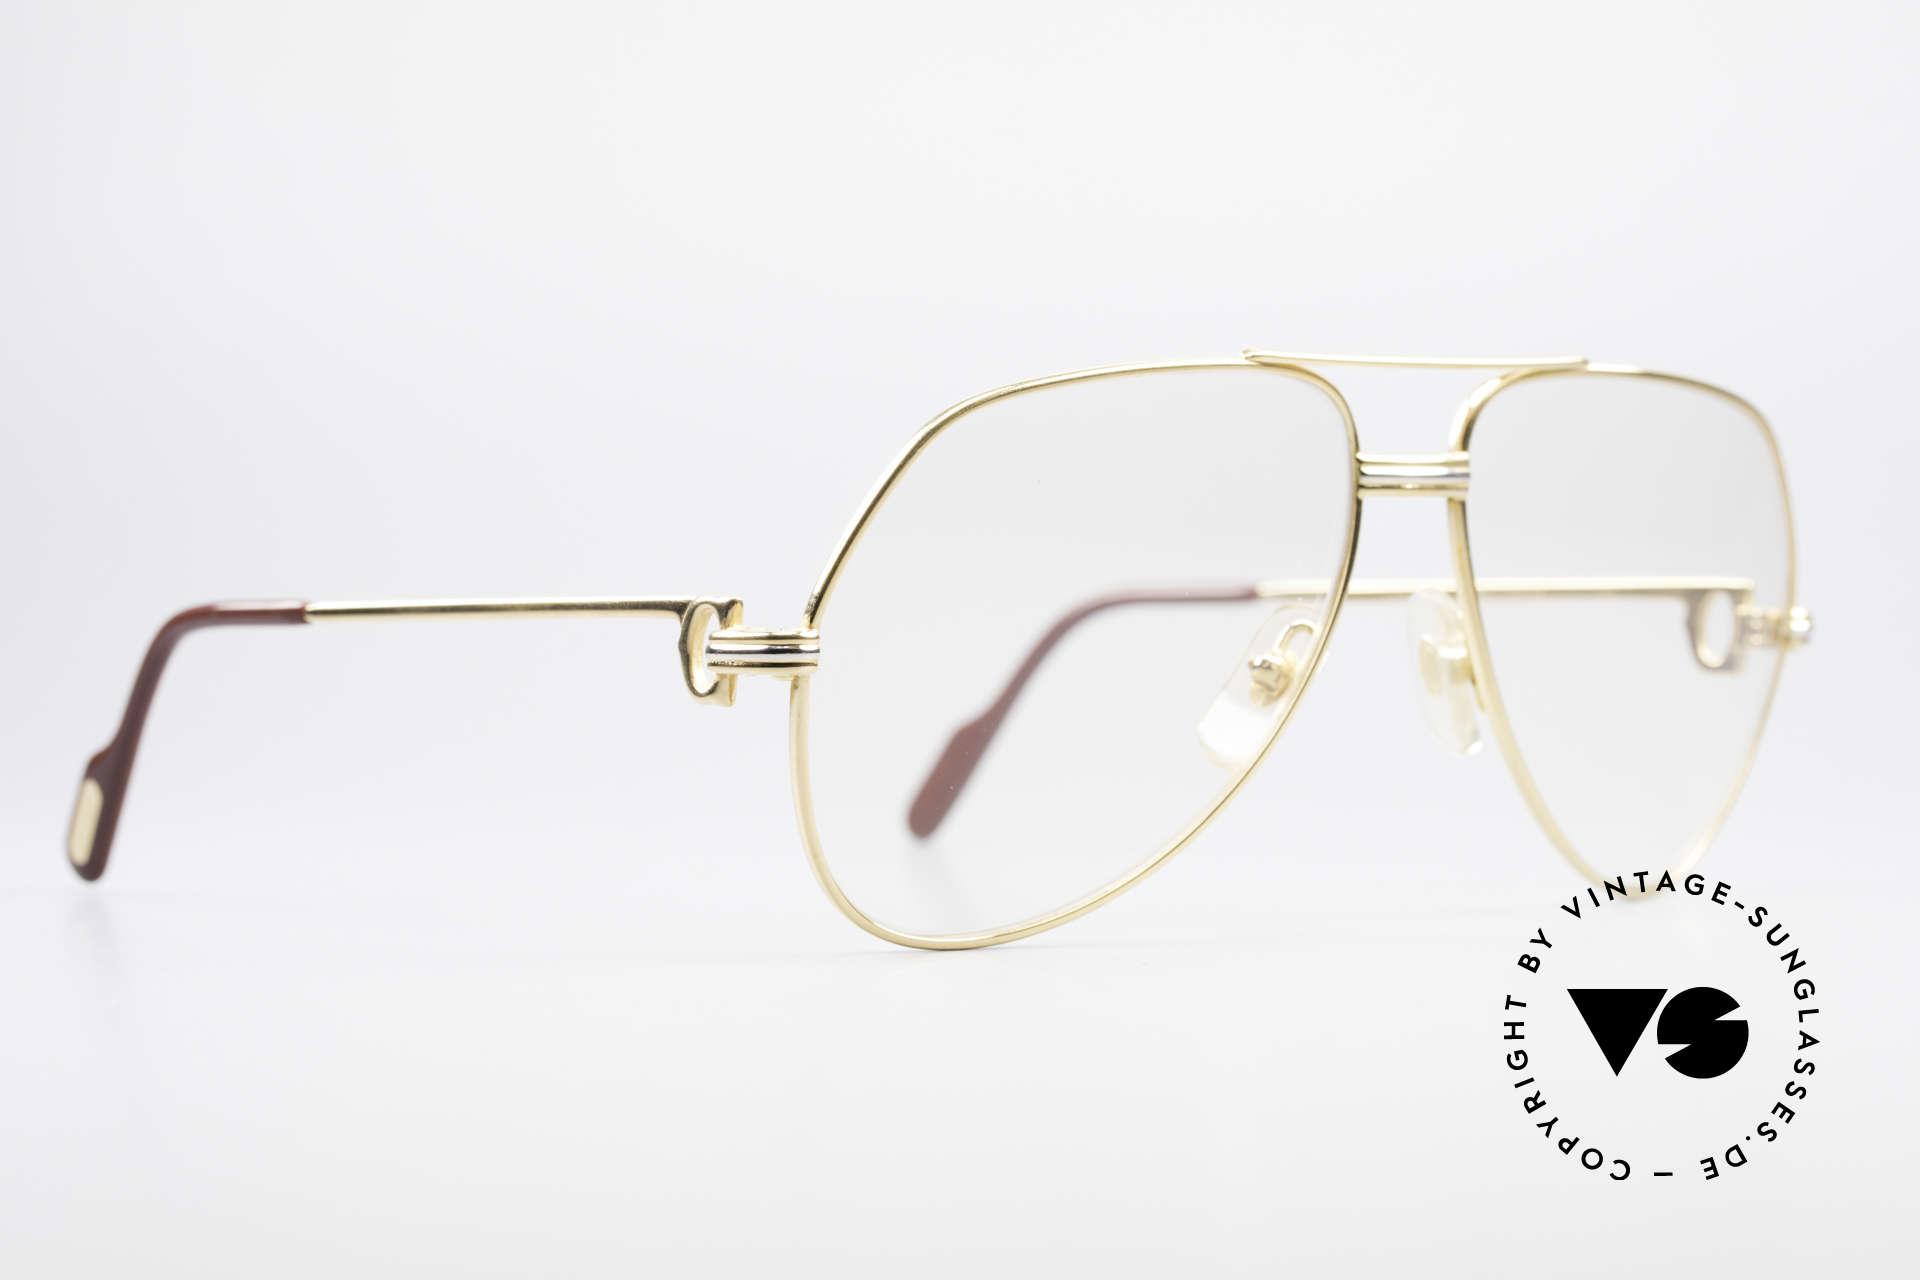 Cartier Vendome LC - M Hauchzeichen Cartier Gläser, dieses Modell mit L.C.-Dekor in MEDIUM Gr. 59-14, 130, Passend für Herren und Damen